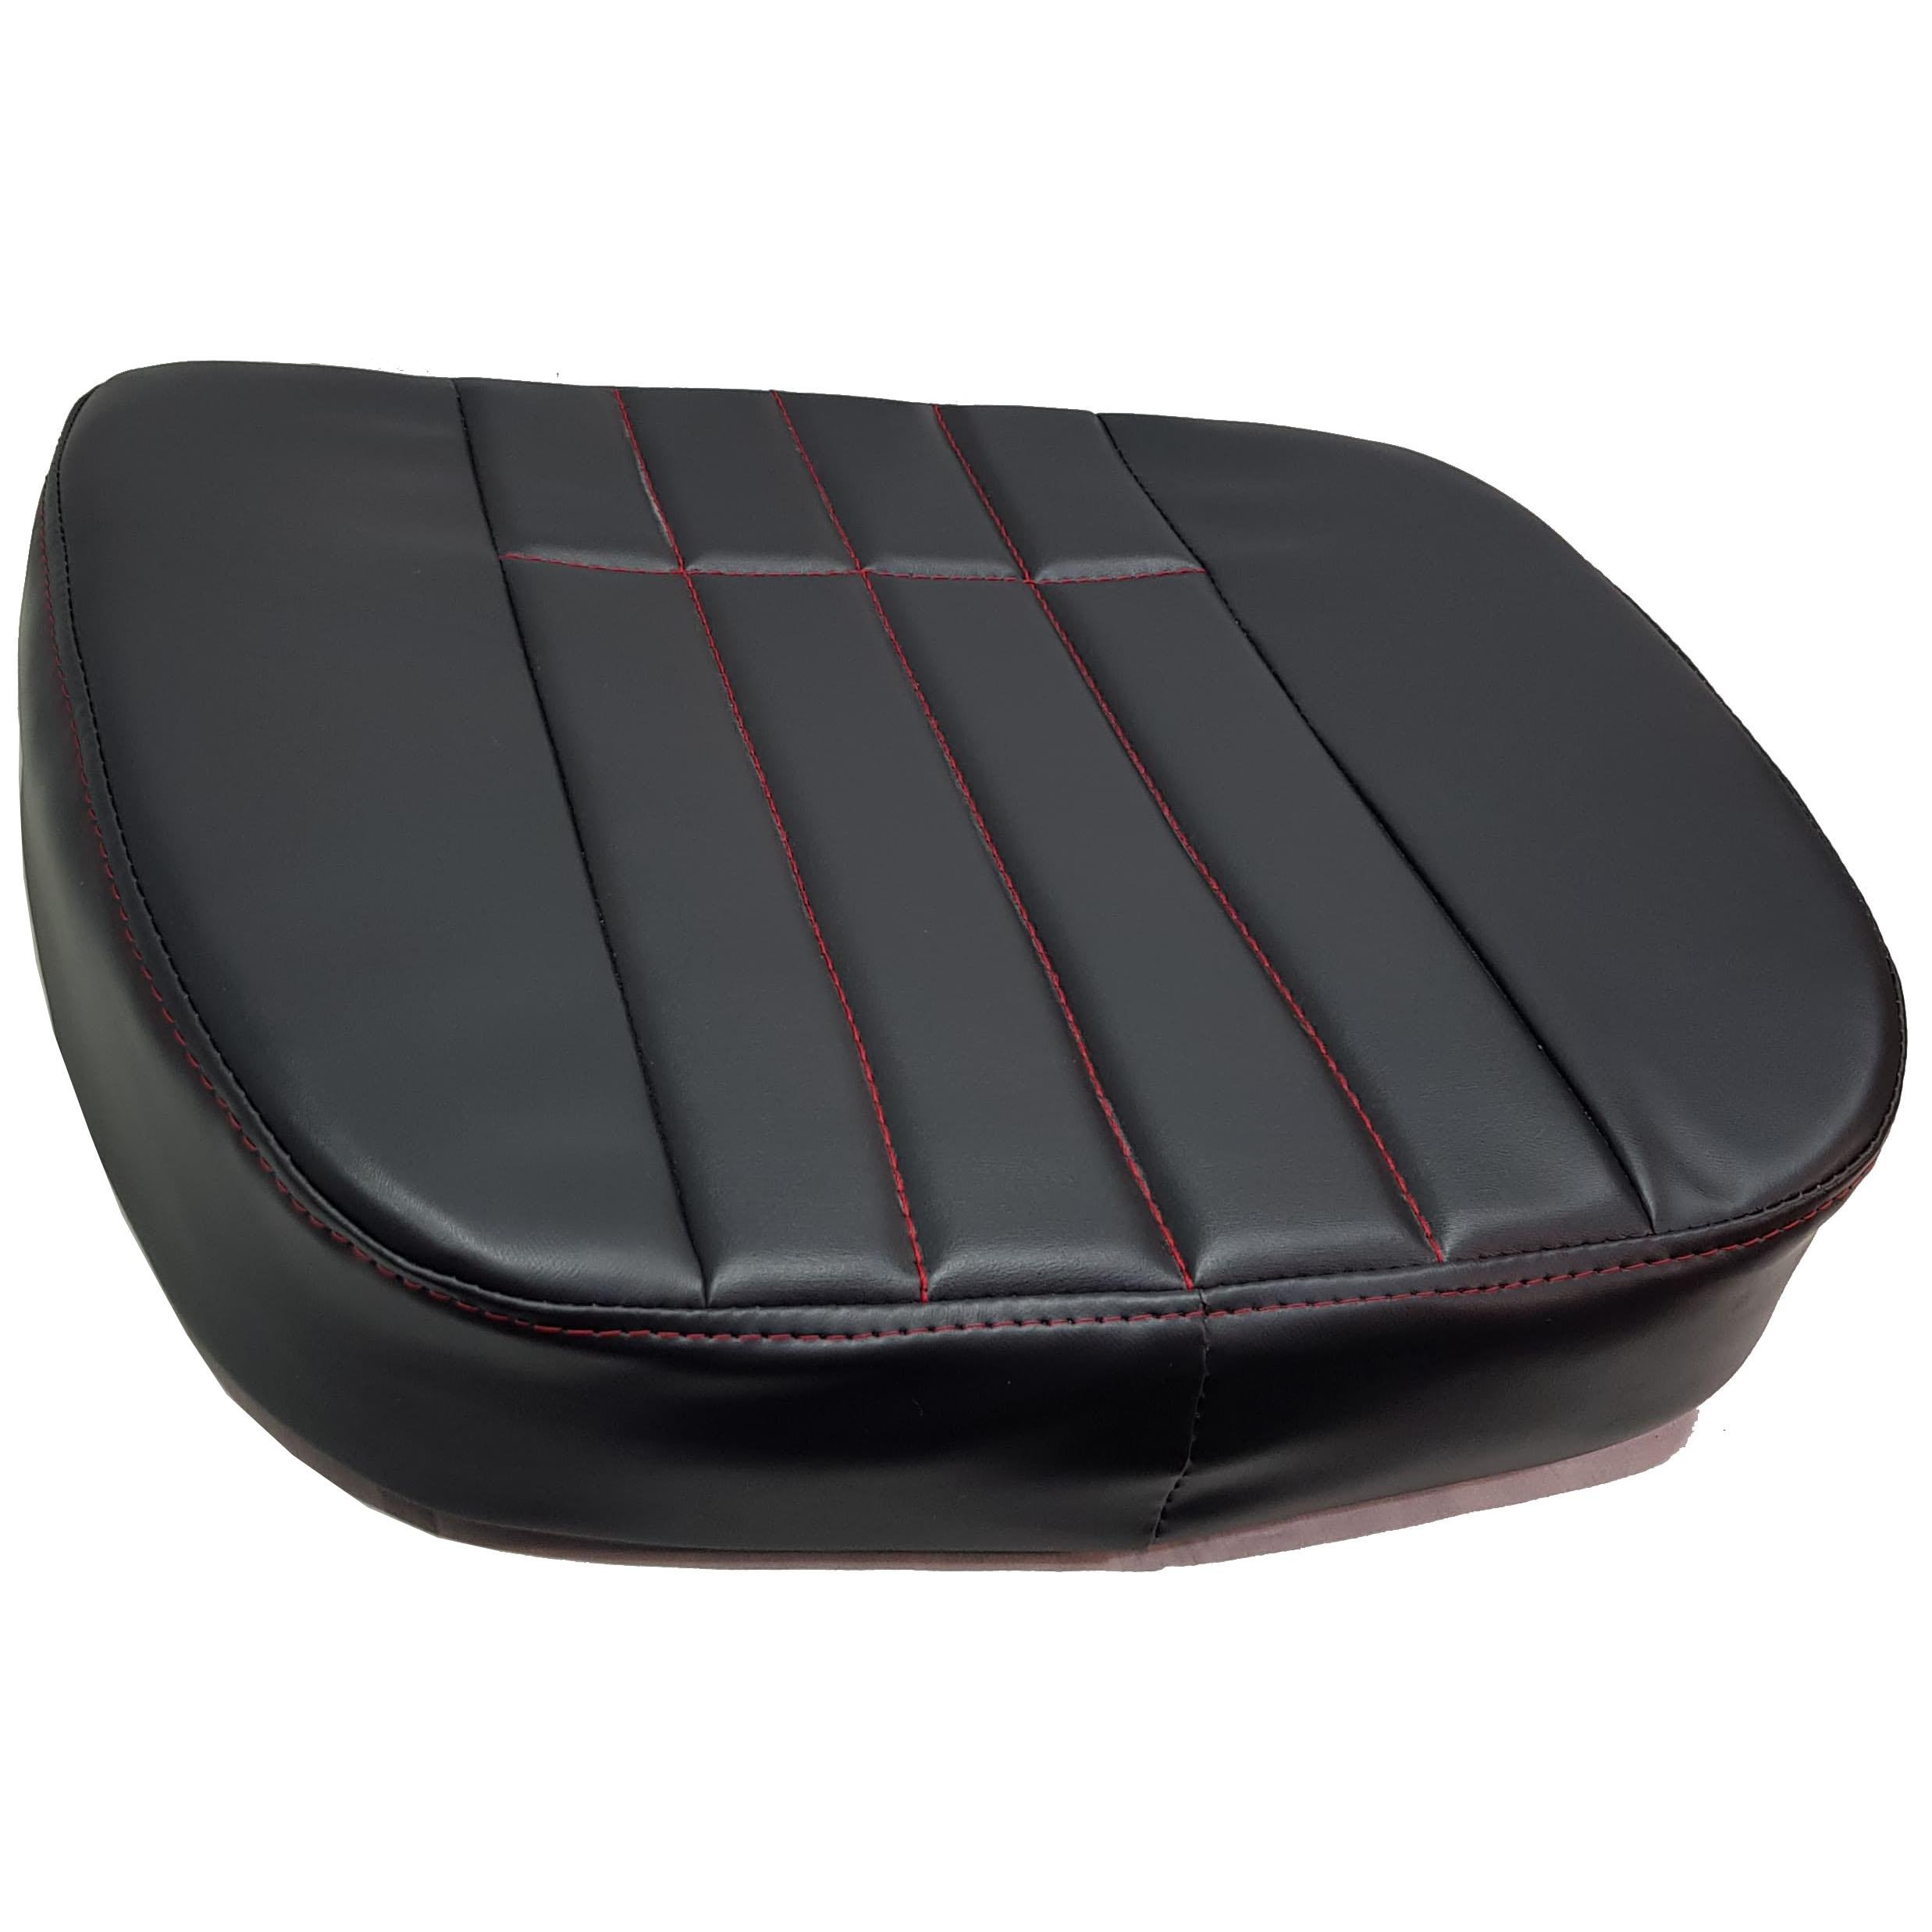 E Mtz 80 ülés fekete műbőr piros tűzés